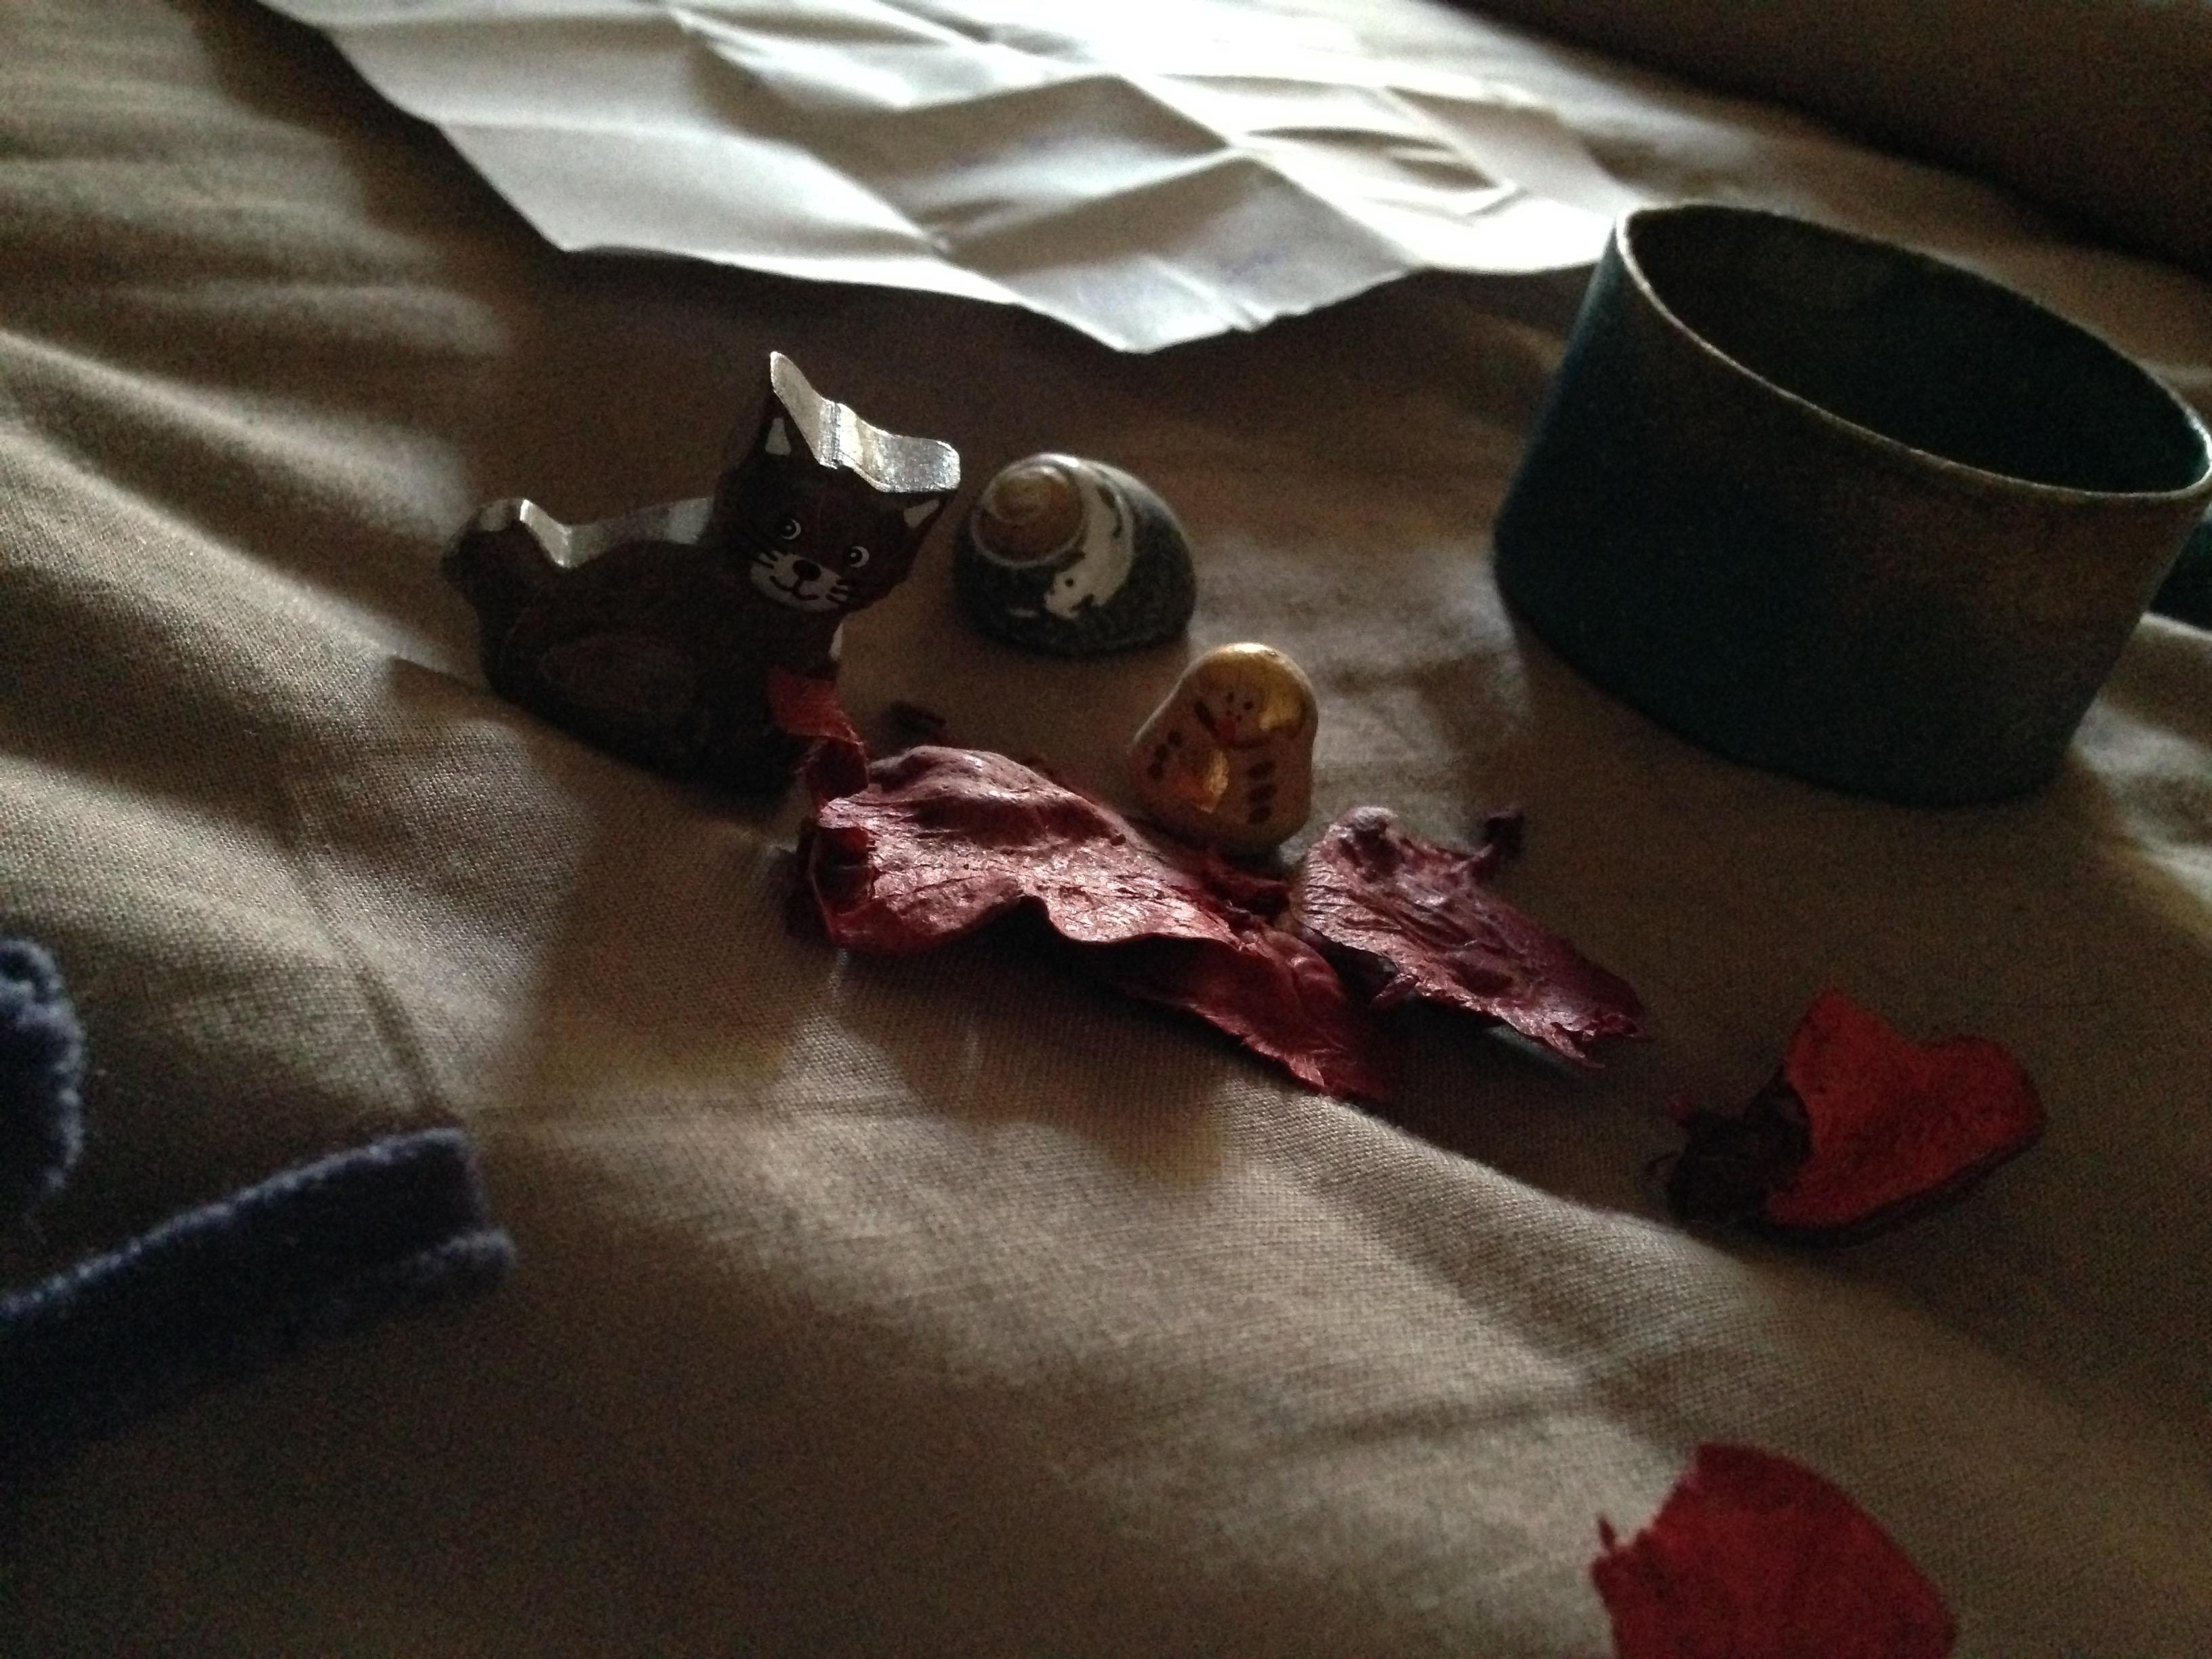 intuition - le chat, la poupée russe et le coquillage